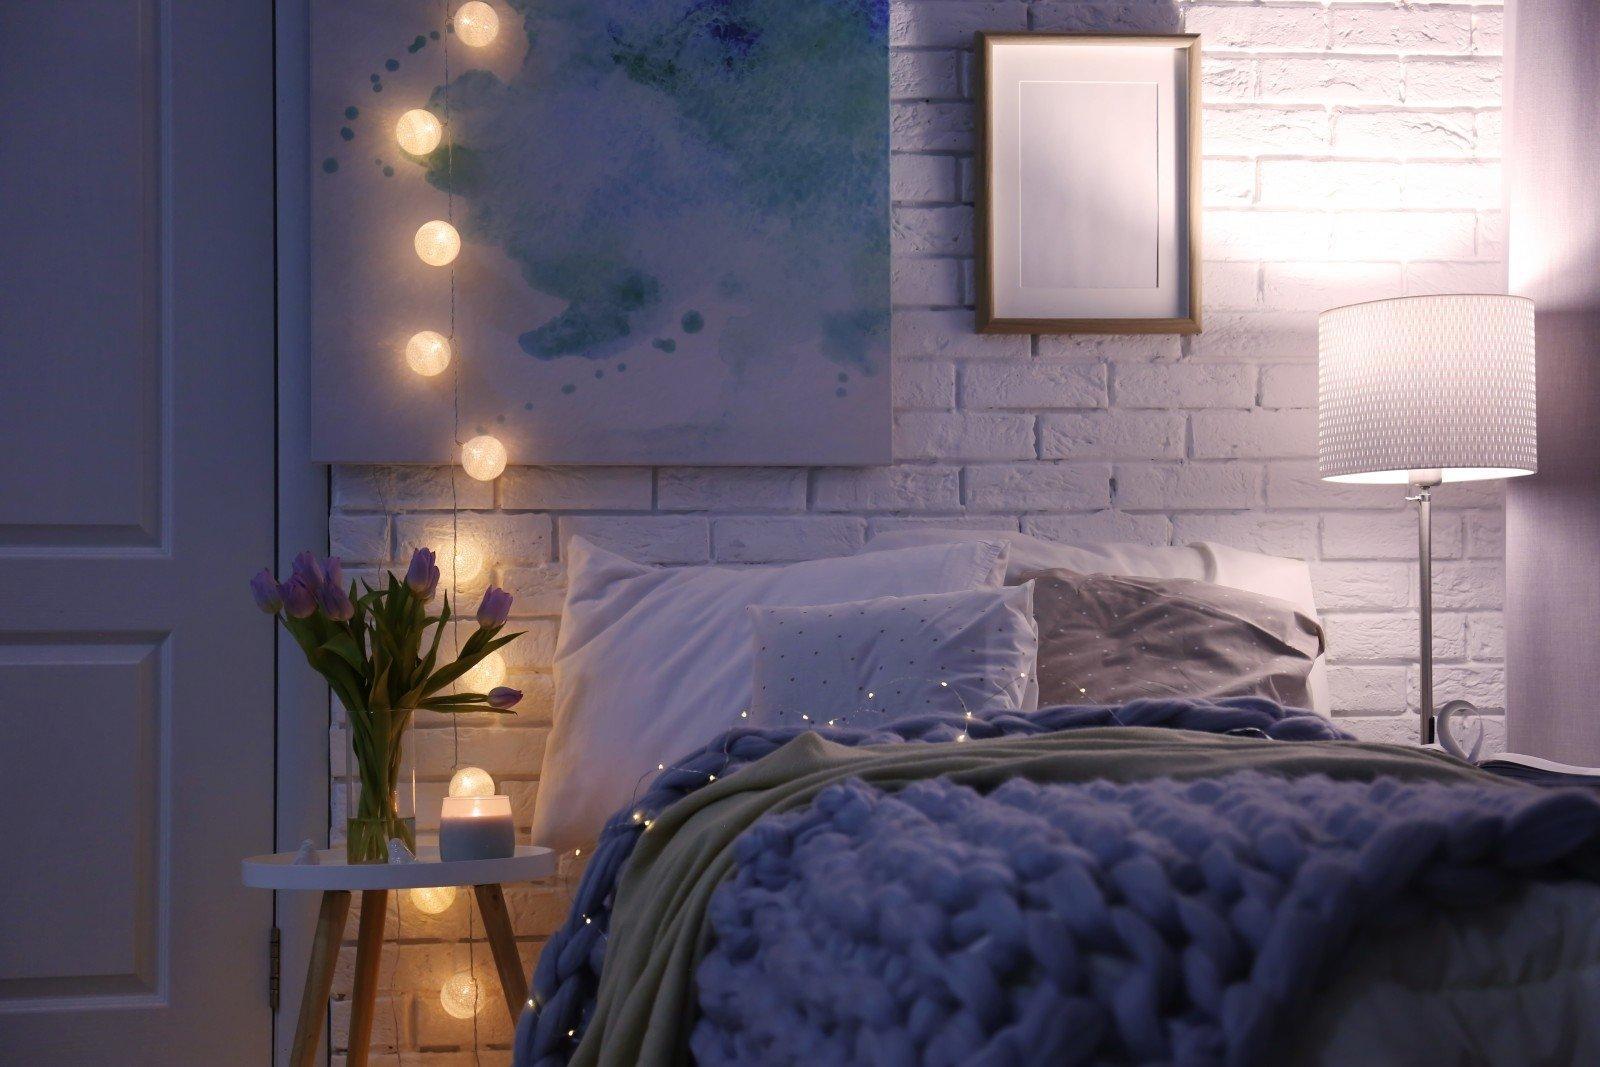 Przytulna sypialnia w bieli. Na pierwszym planie pościelone łóżko. Po bokach: biała lampa stojąca i świetlne kule.